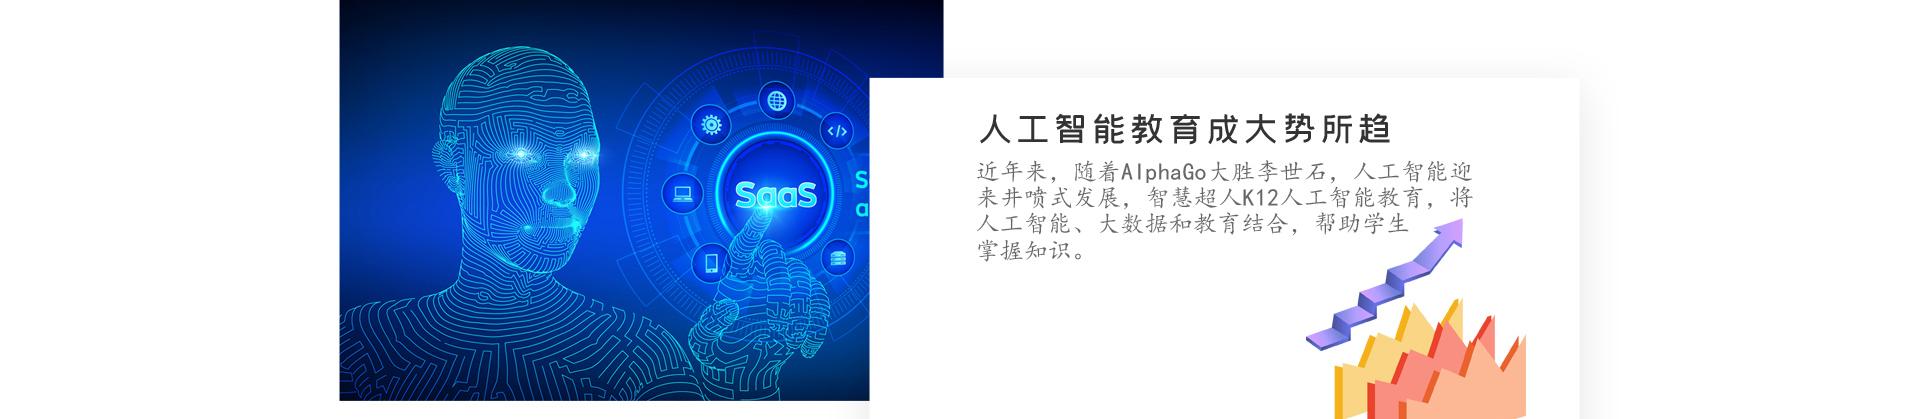 智慧超人K12人工智能教育zzcr_15